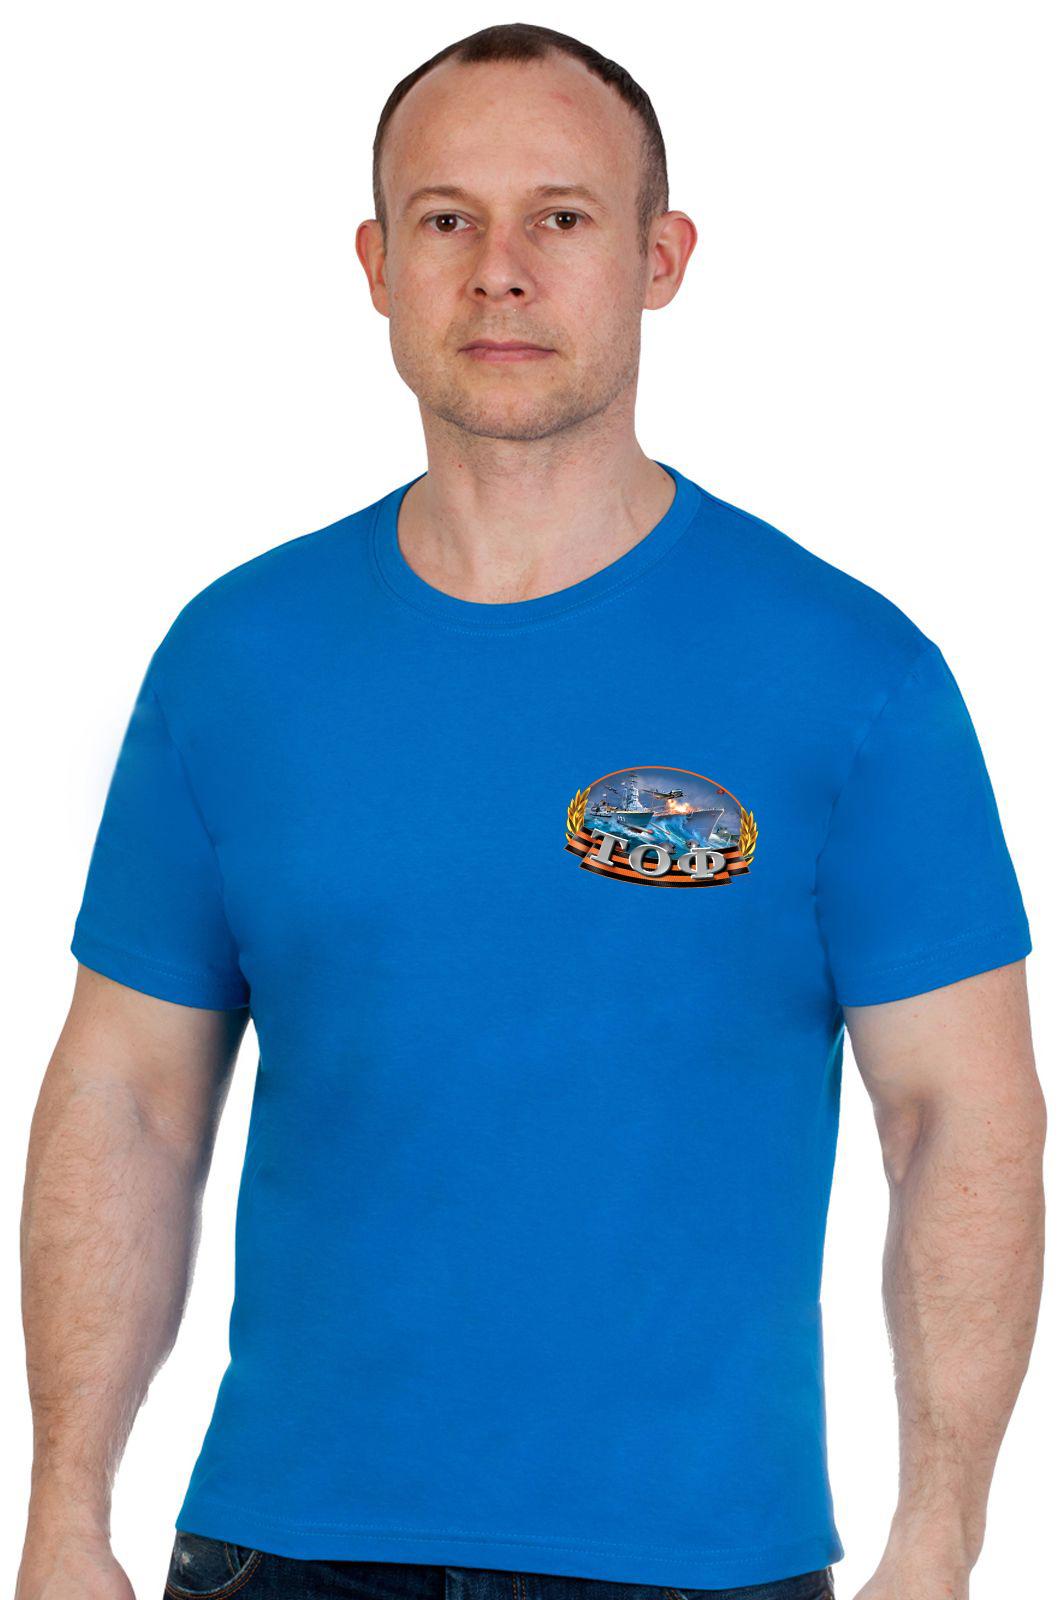 Мужская футболка ТОФ - купить с доставкой или самовывозом